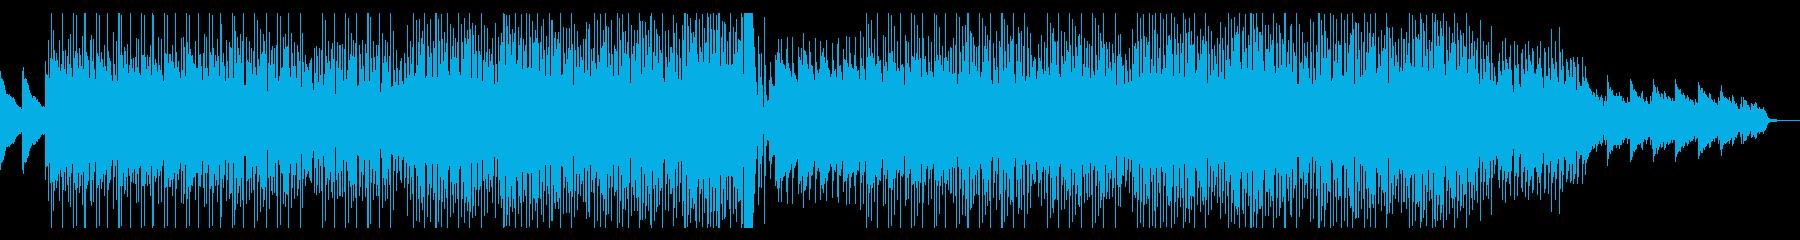 左右に広がるピアノが美しいBGMの再生済みの波形